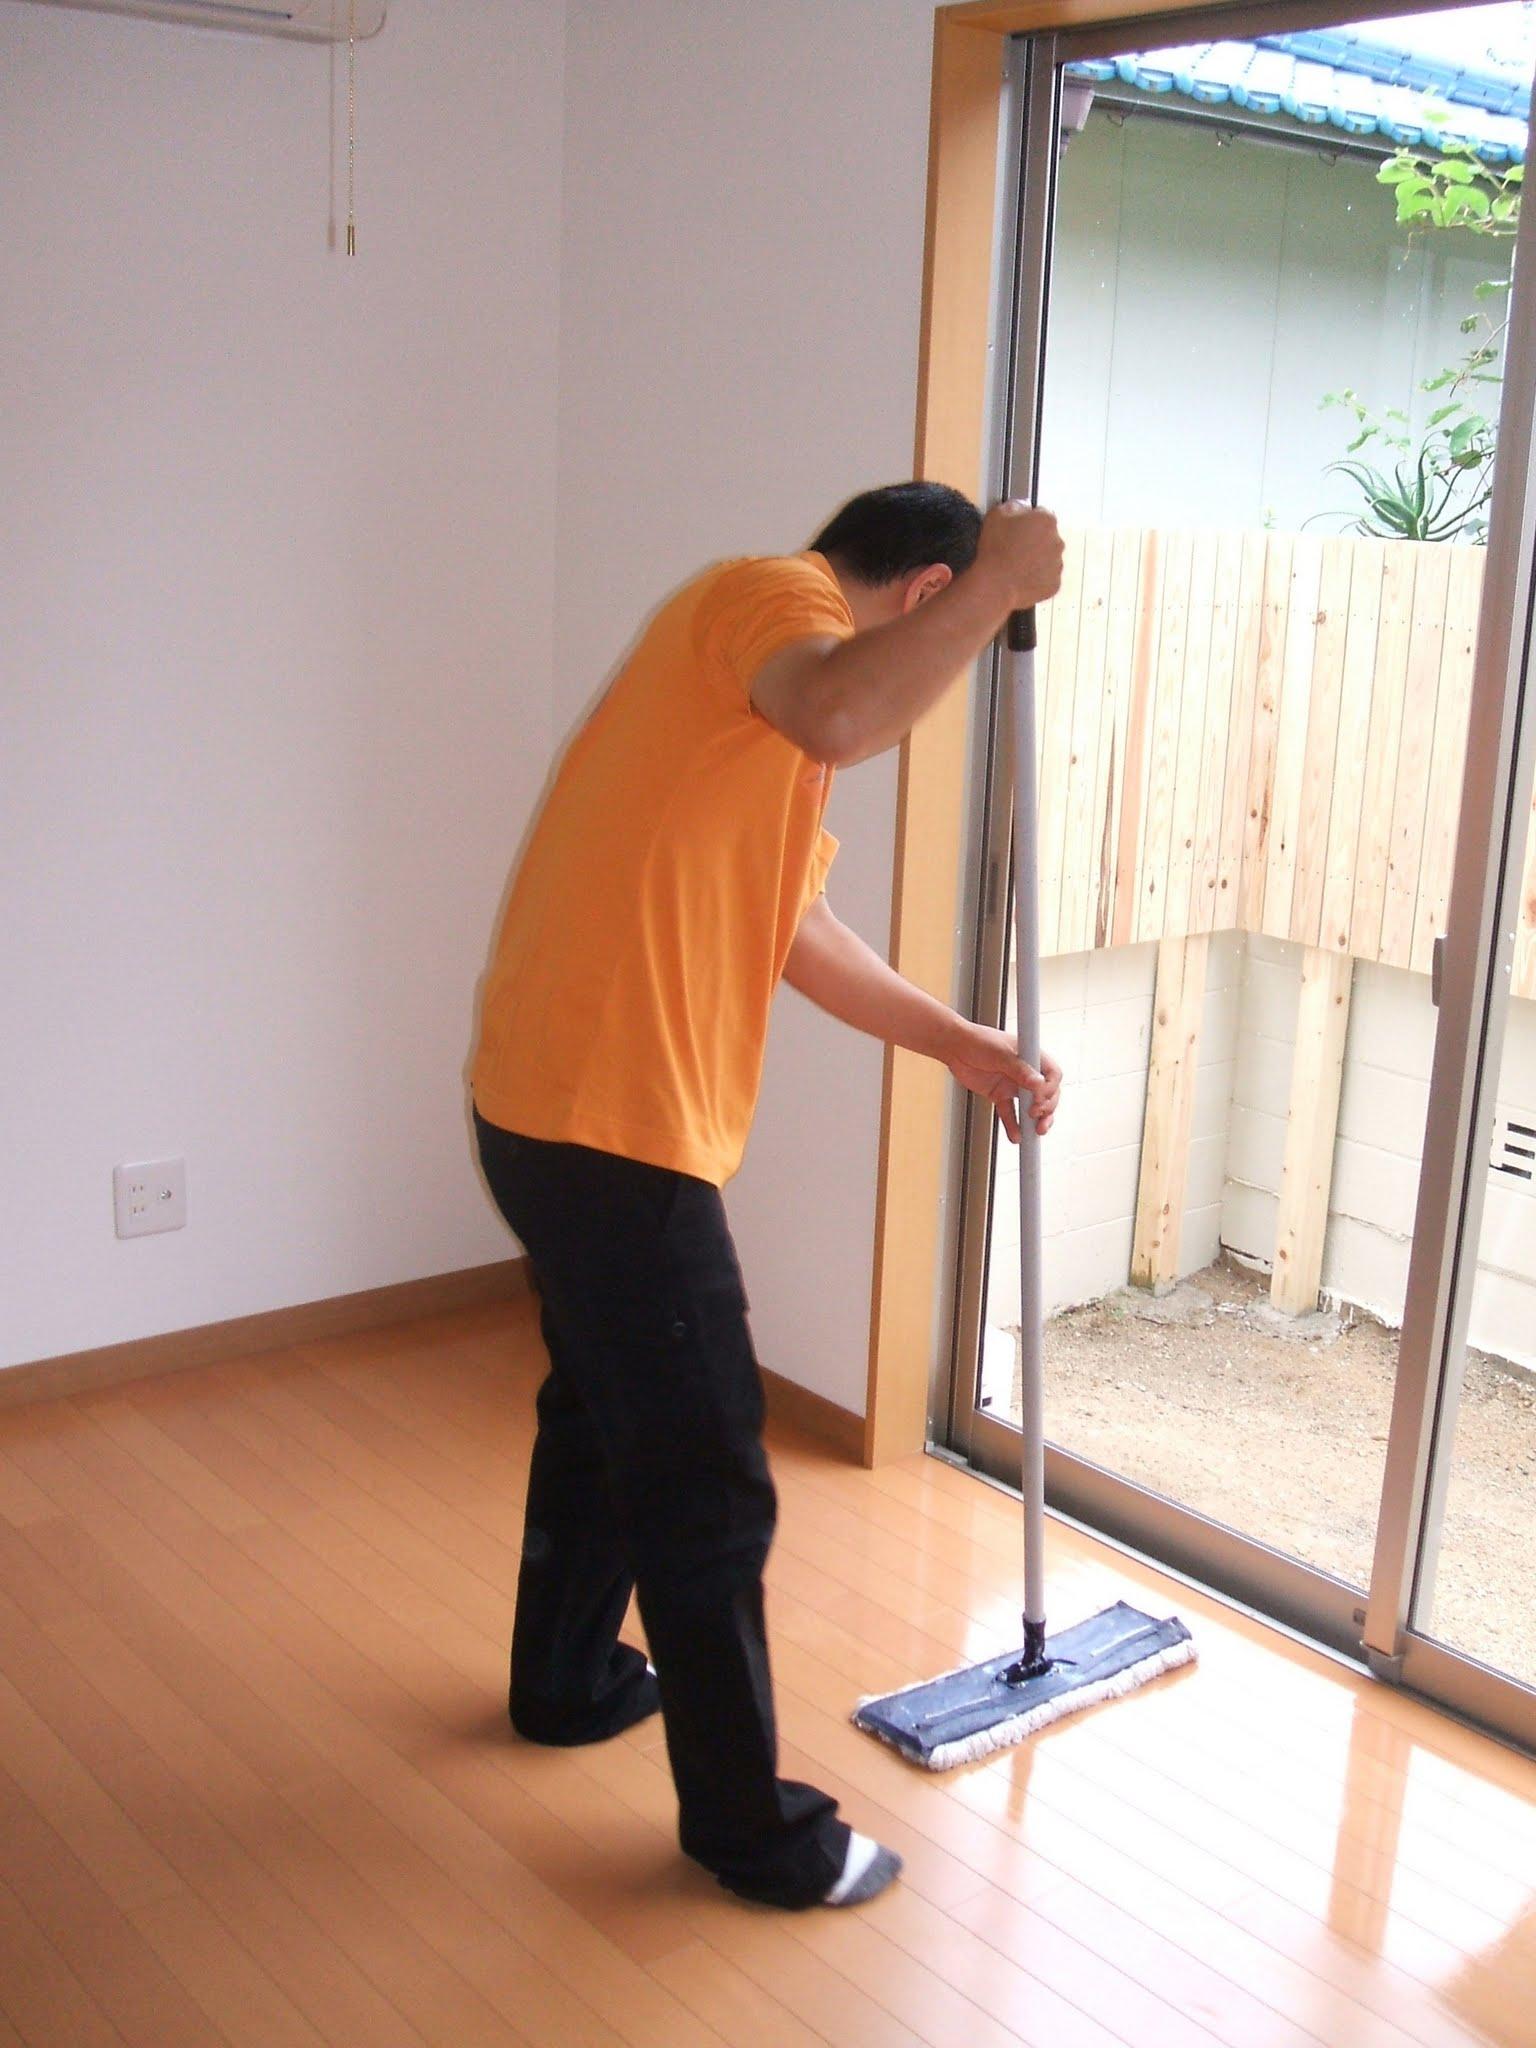 フロアクリーニングは汚れの除去、ワックス処理などを行い、美しい床をキープ。化学タイル、クッションフロアなど、どんな床材もおまかせください。